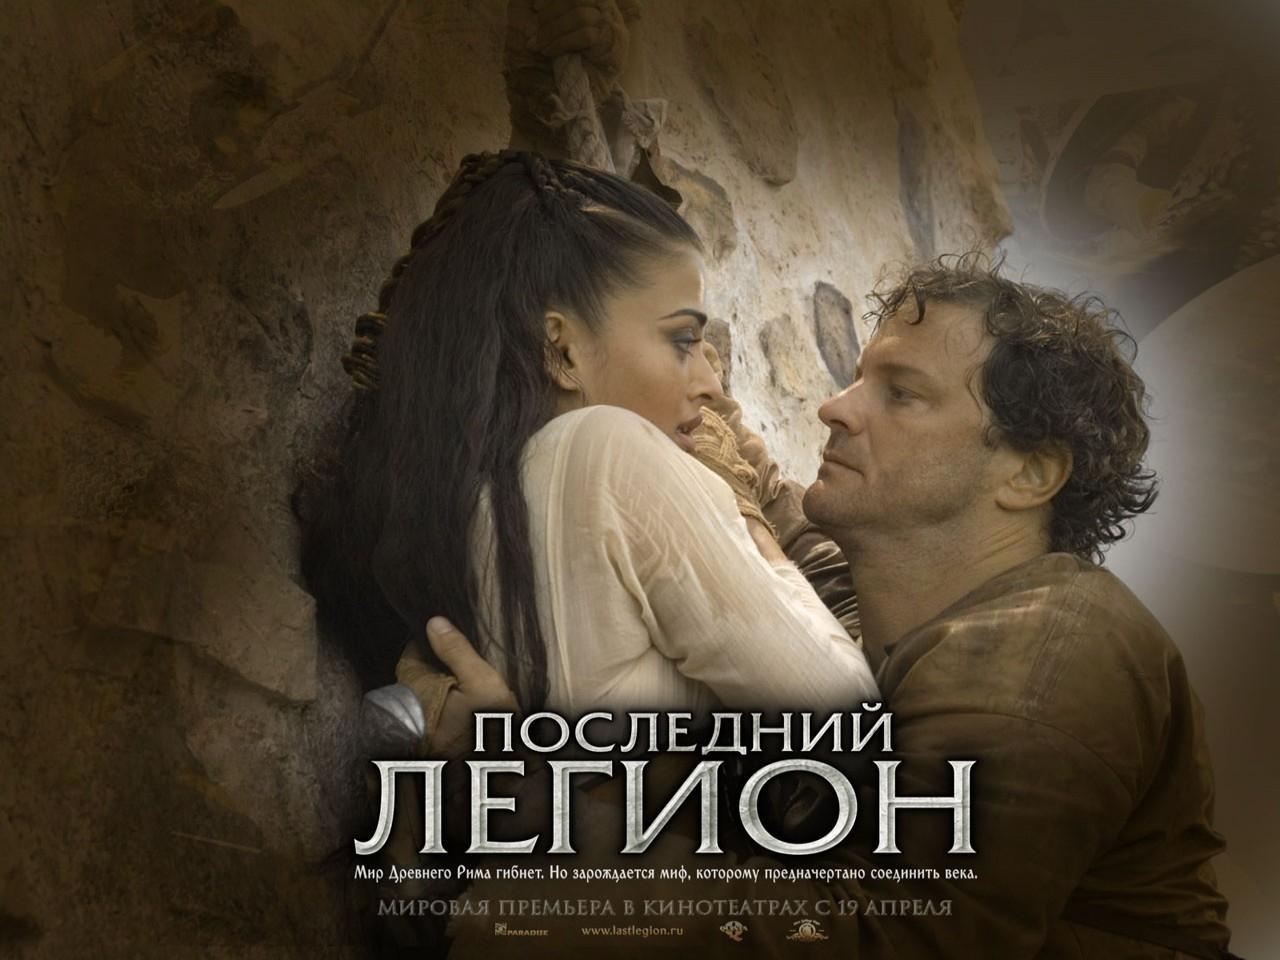 Wallpaper del film L'ultima legione con i due protagonisti